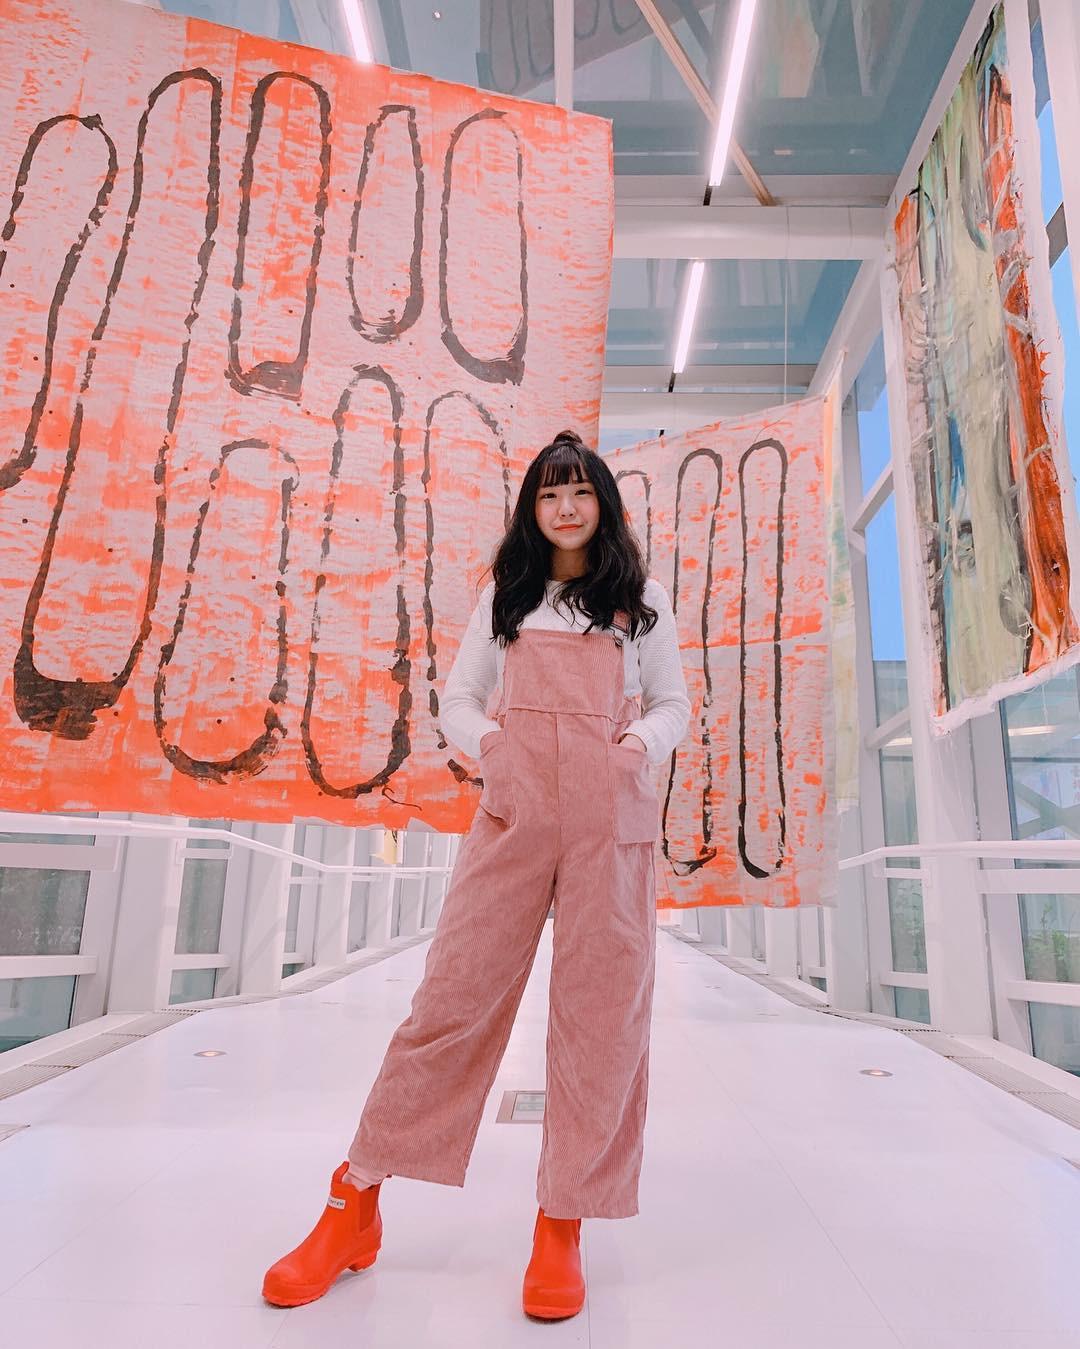 Mê mẩn với Bảo tàng Mỹ thuật Đài Bắc: Cứ ngỡ lạc vào xứ sở thần tiên nào đấy nữa chứ! - Ảnh 12.